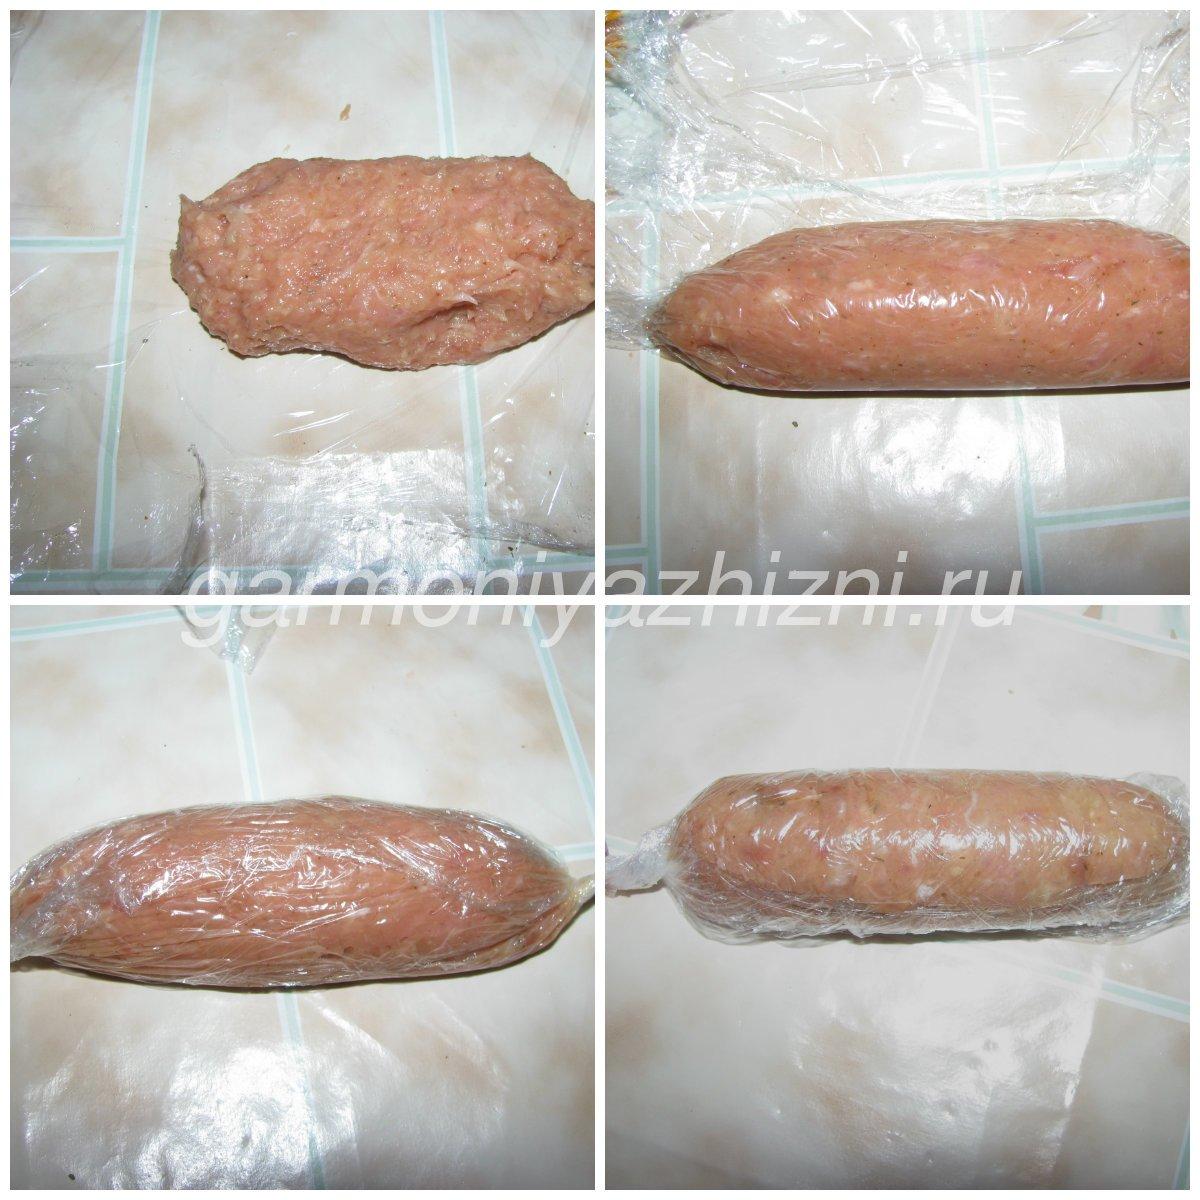 формируем сосиску с помощью пищевой плёнки